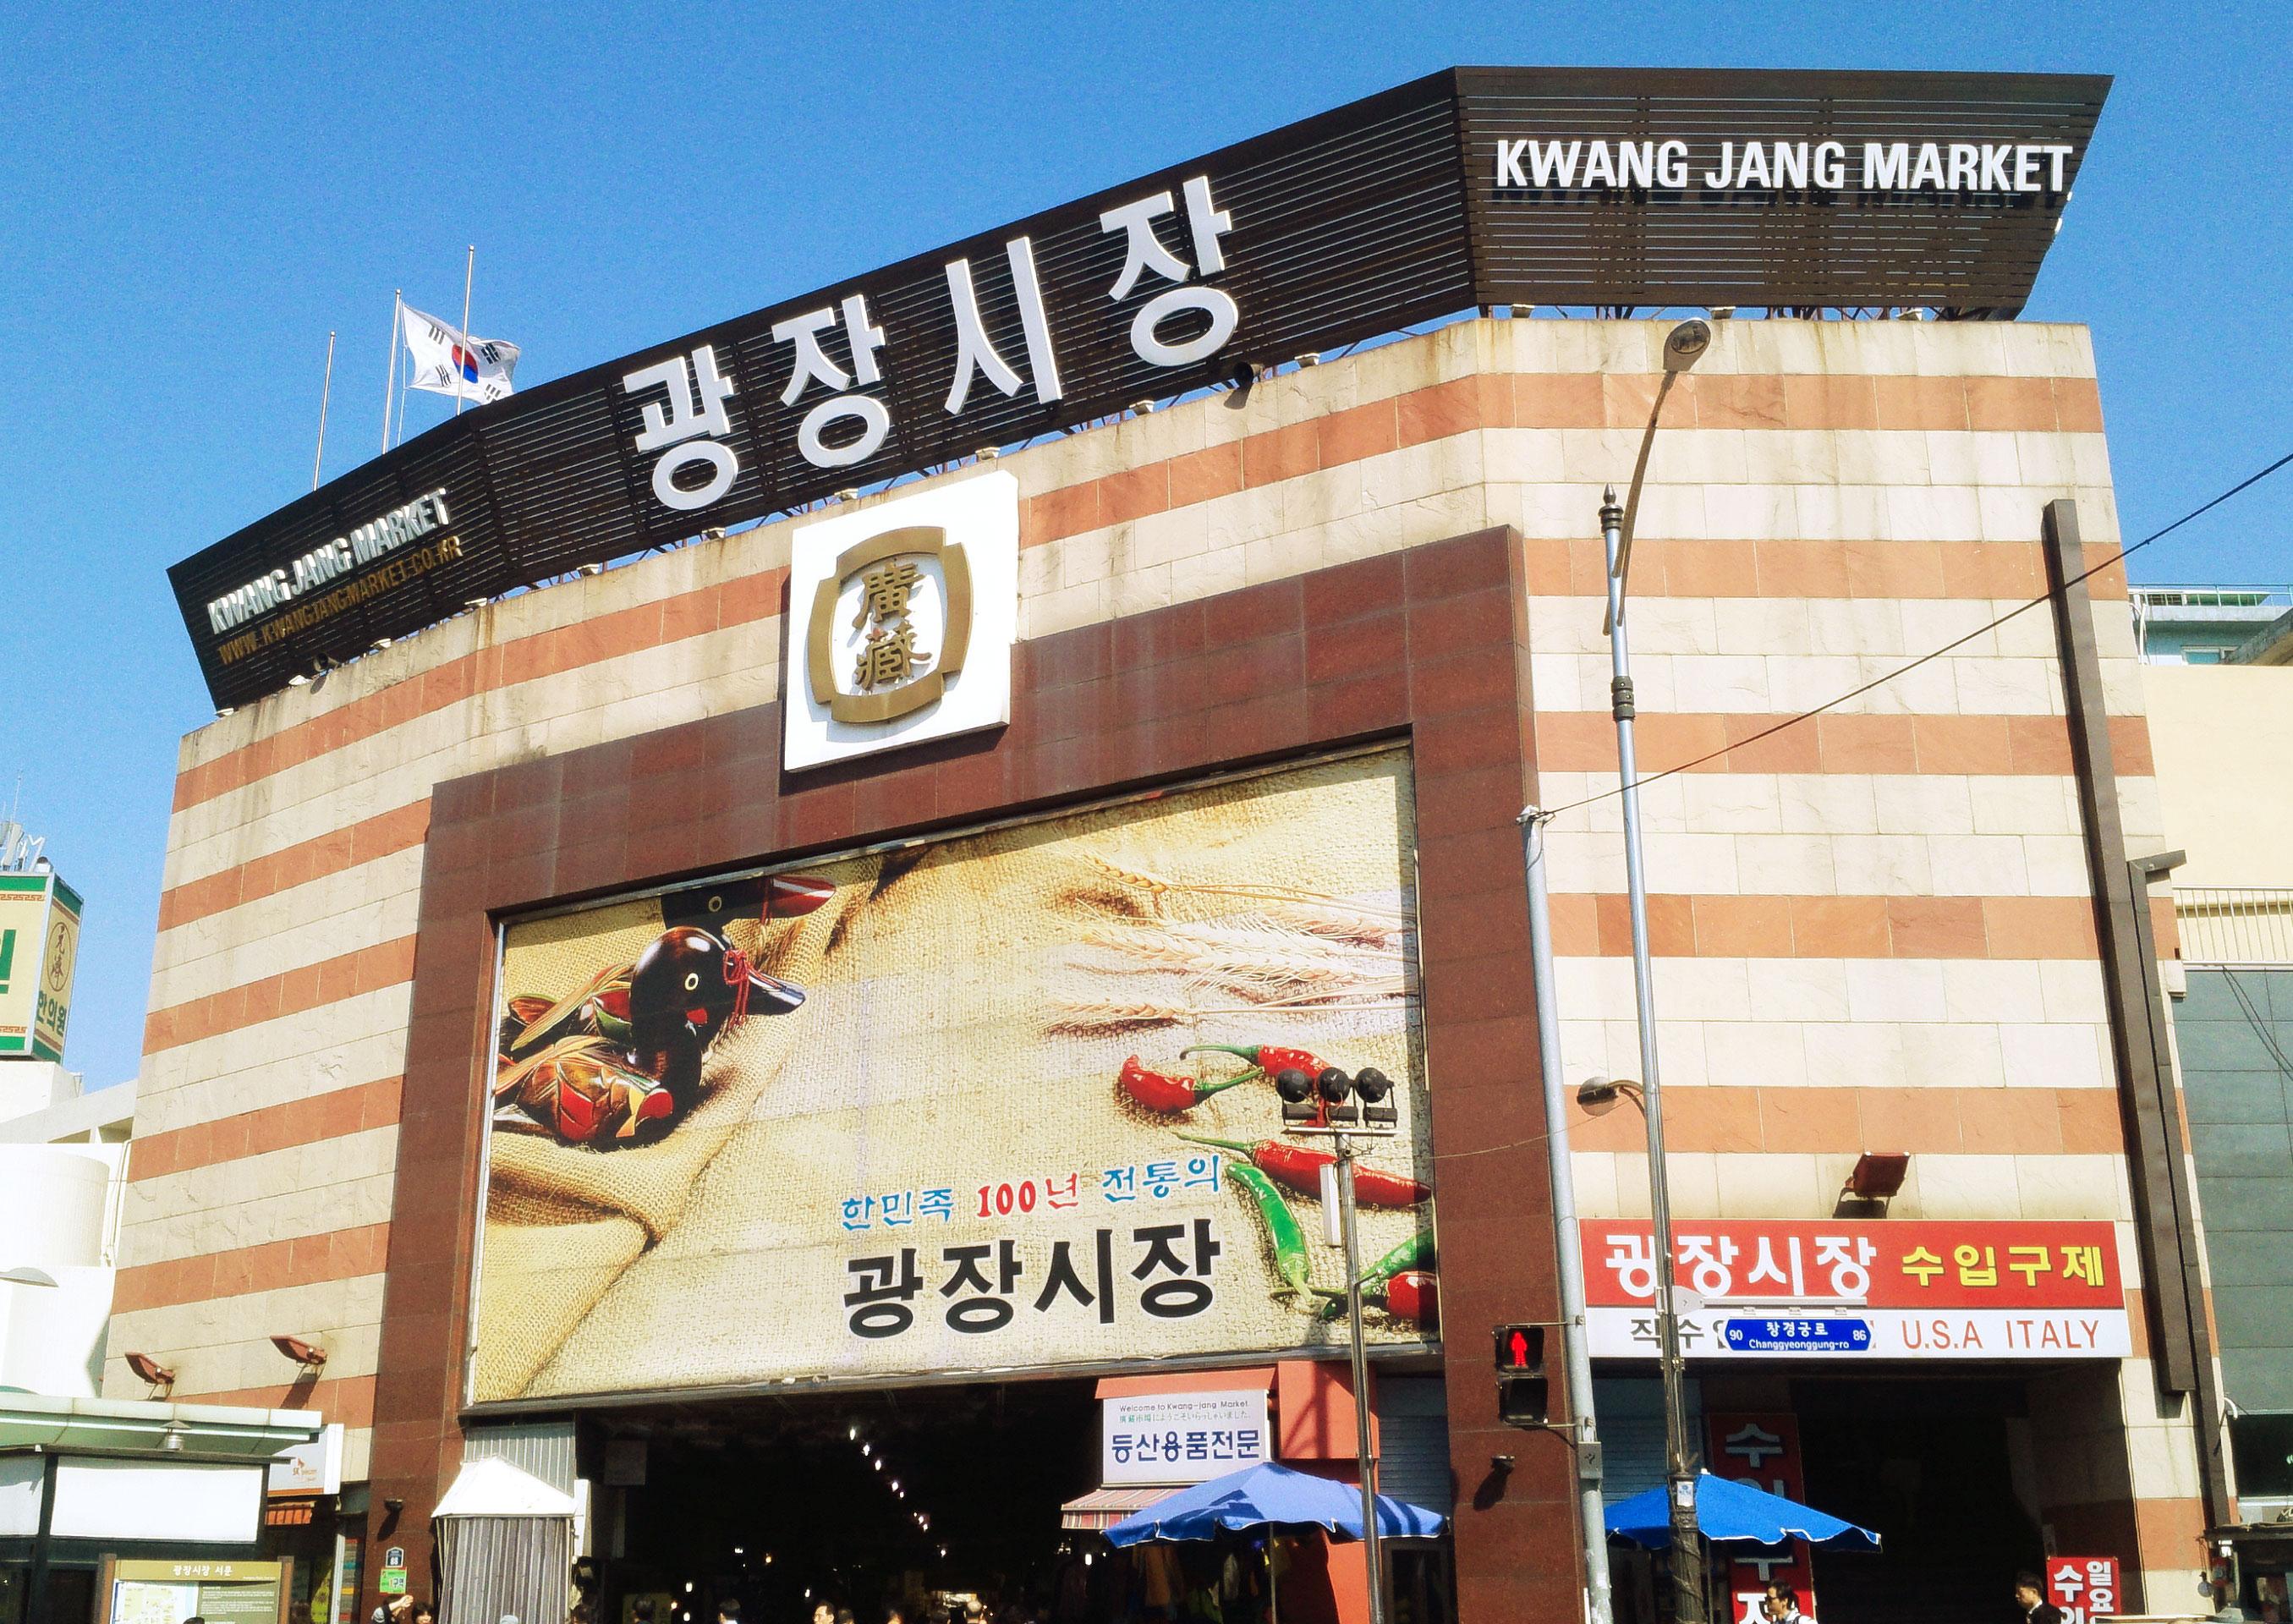 Gwangjangmarket_mainentrance